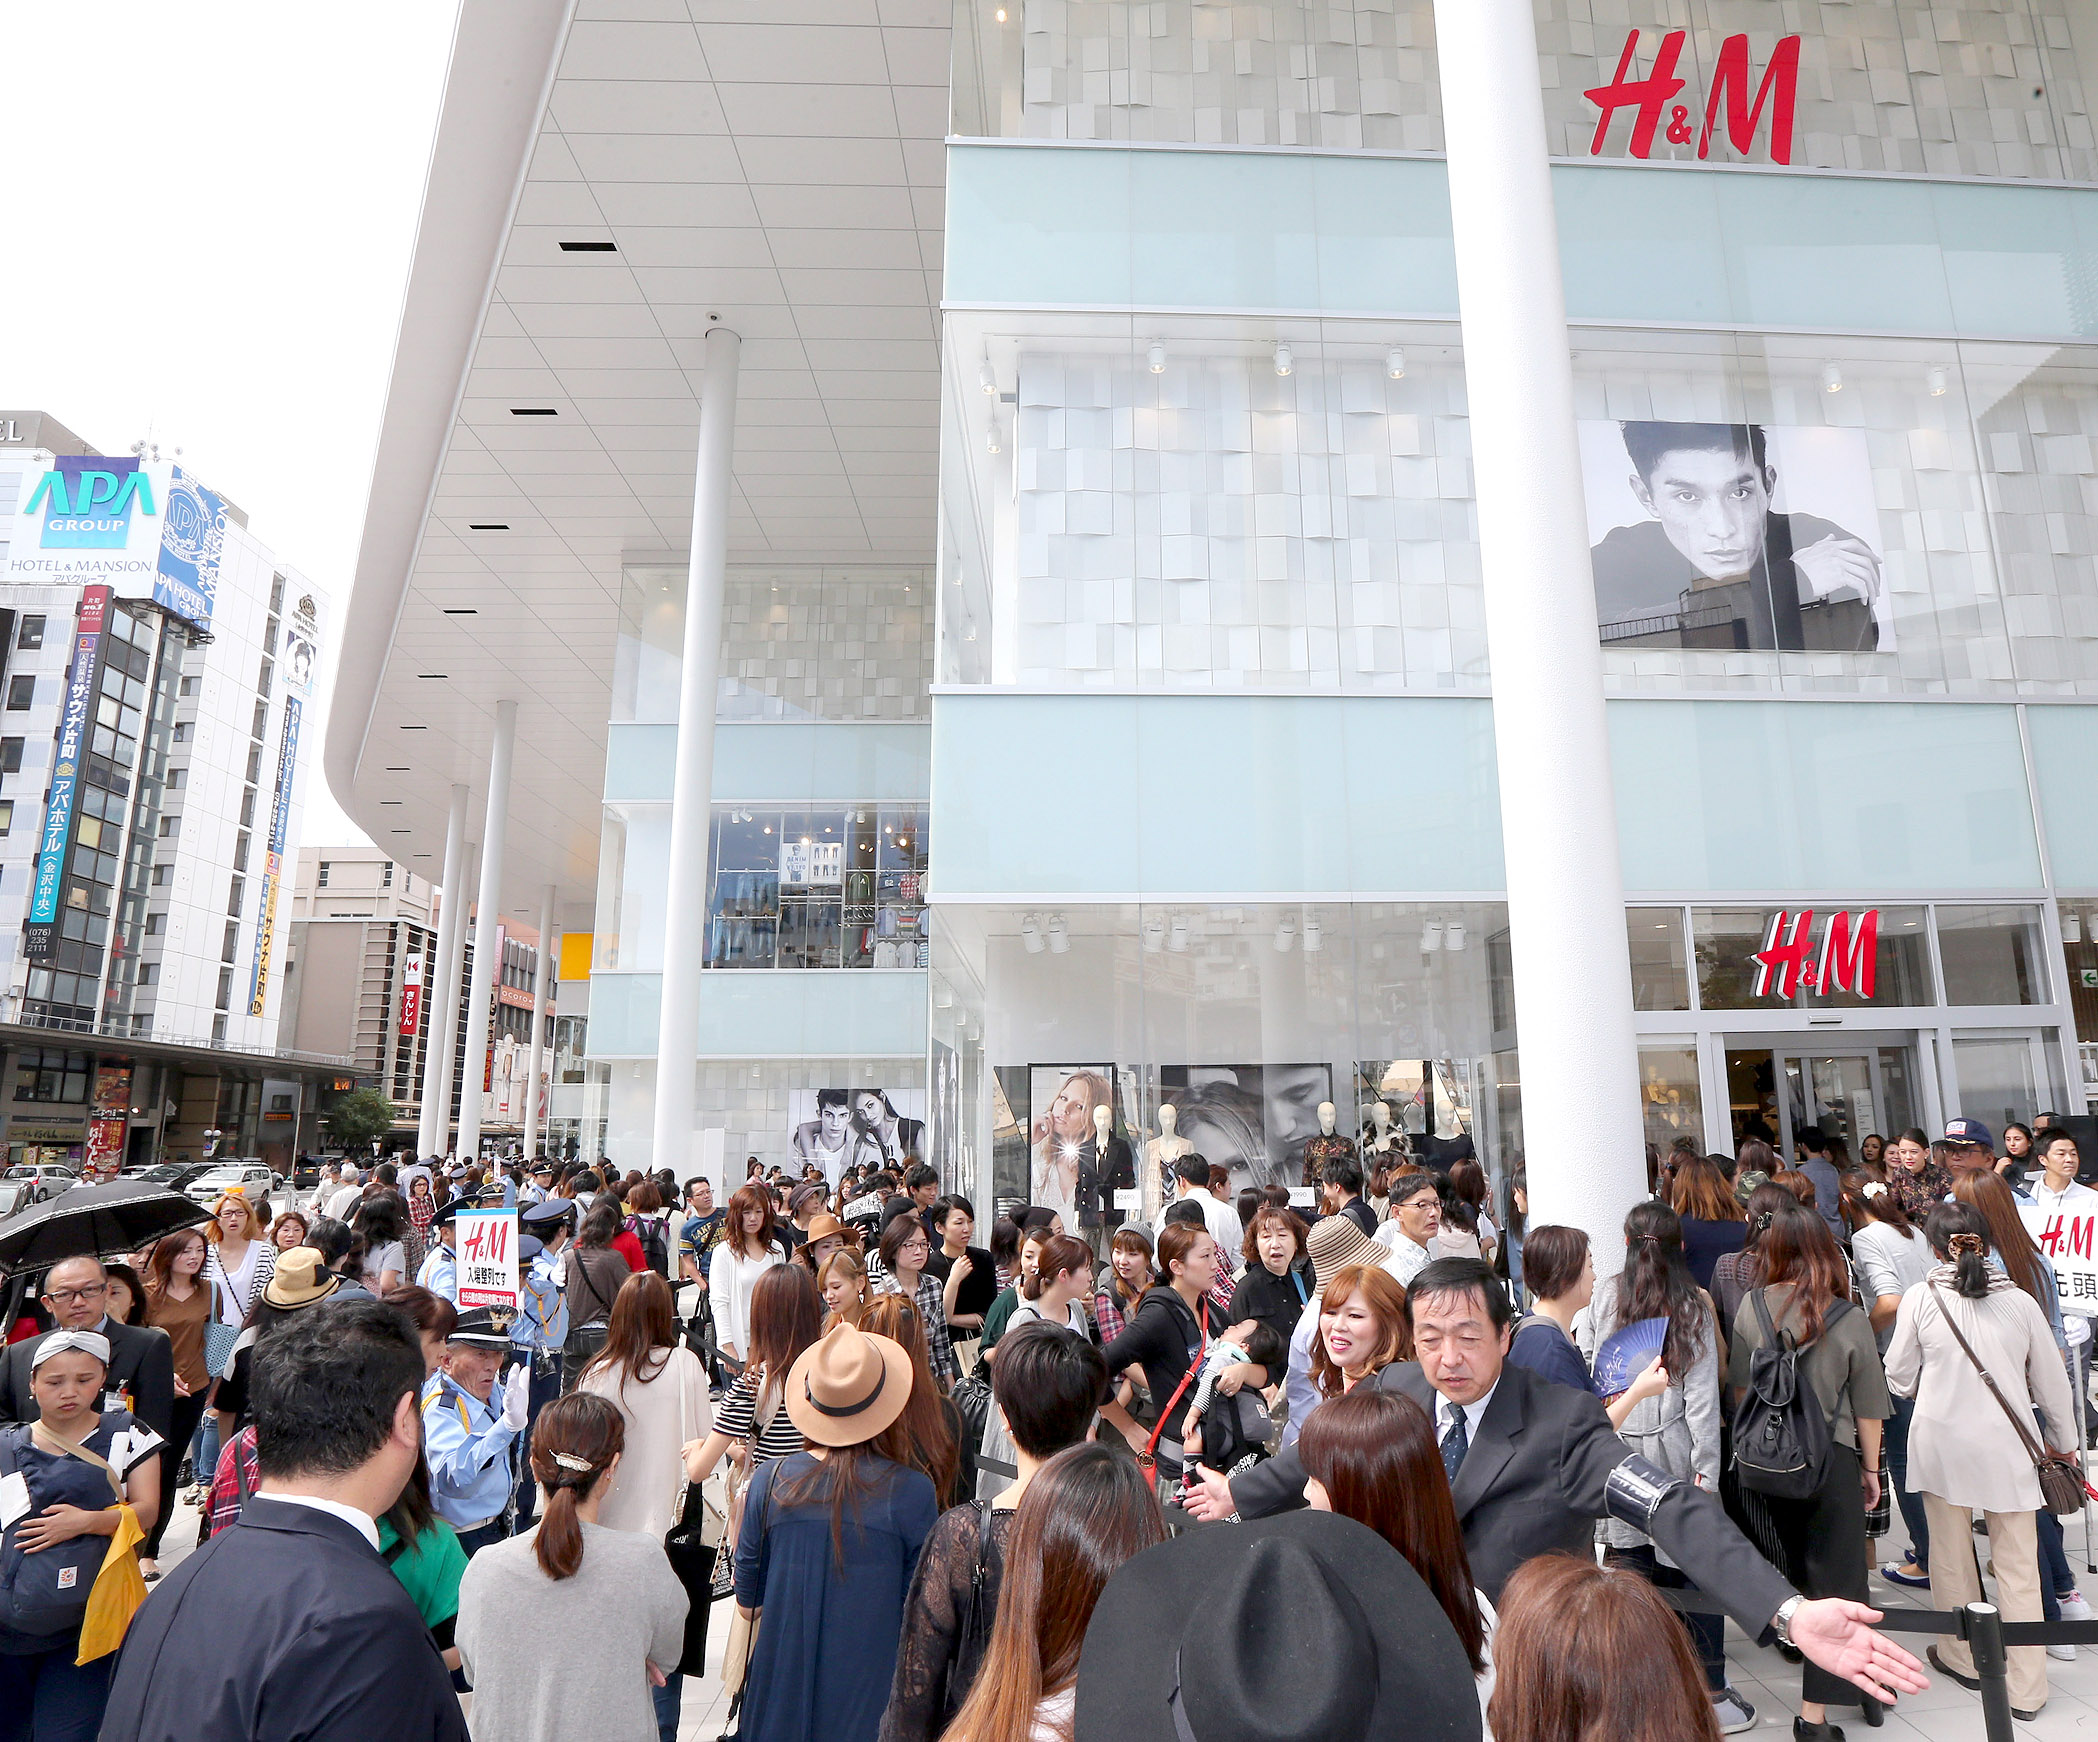 商業フロアが開業し、多くの客でにぎわう「片町きらら」=18日午前10時5分、金沢市片町2丁目